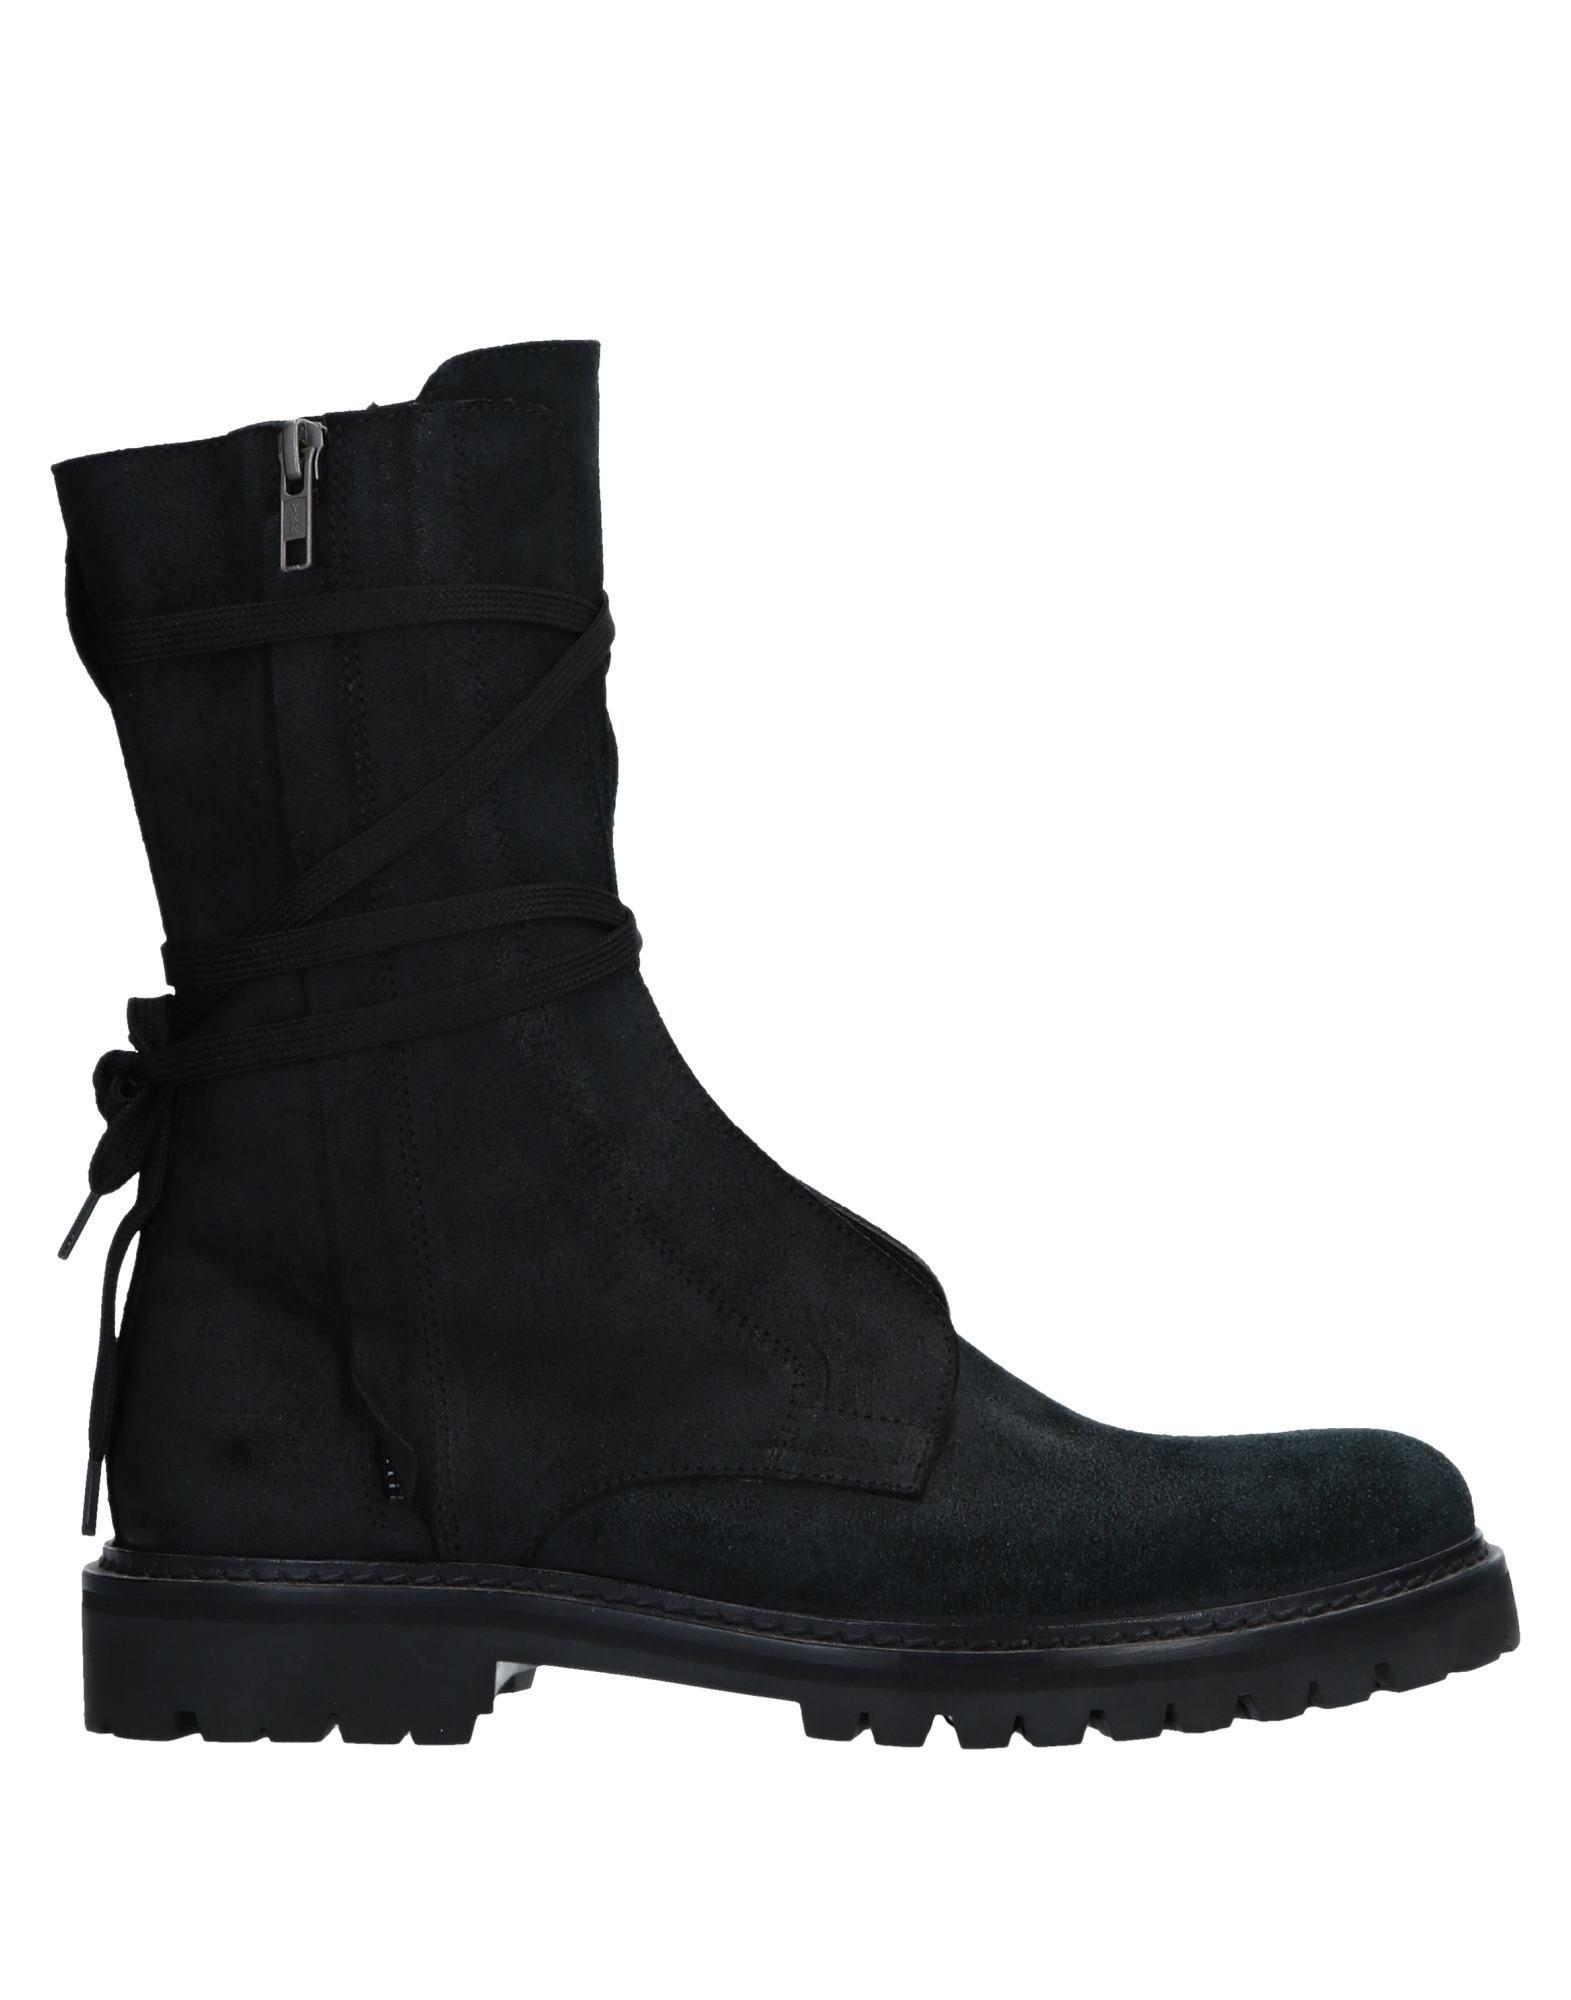 A.F.Vandevorst Stiefelette Herren  Schuhe 11517327KU Gute Qualität beliebte Schuhe  1ccc8c